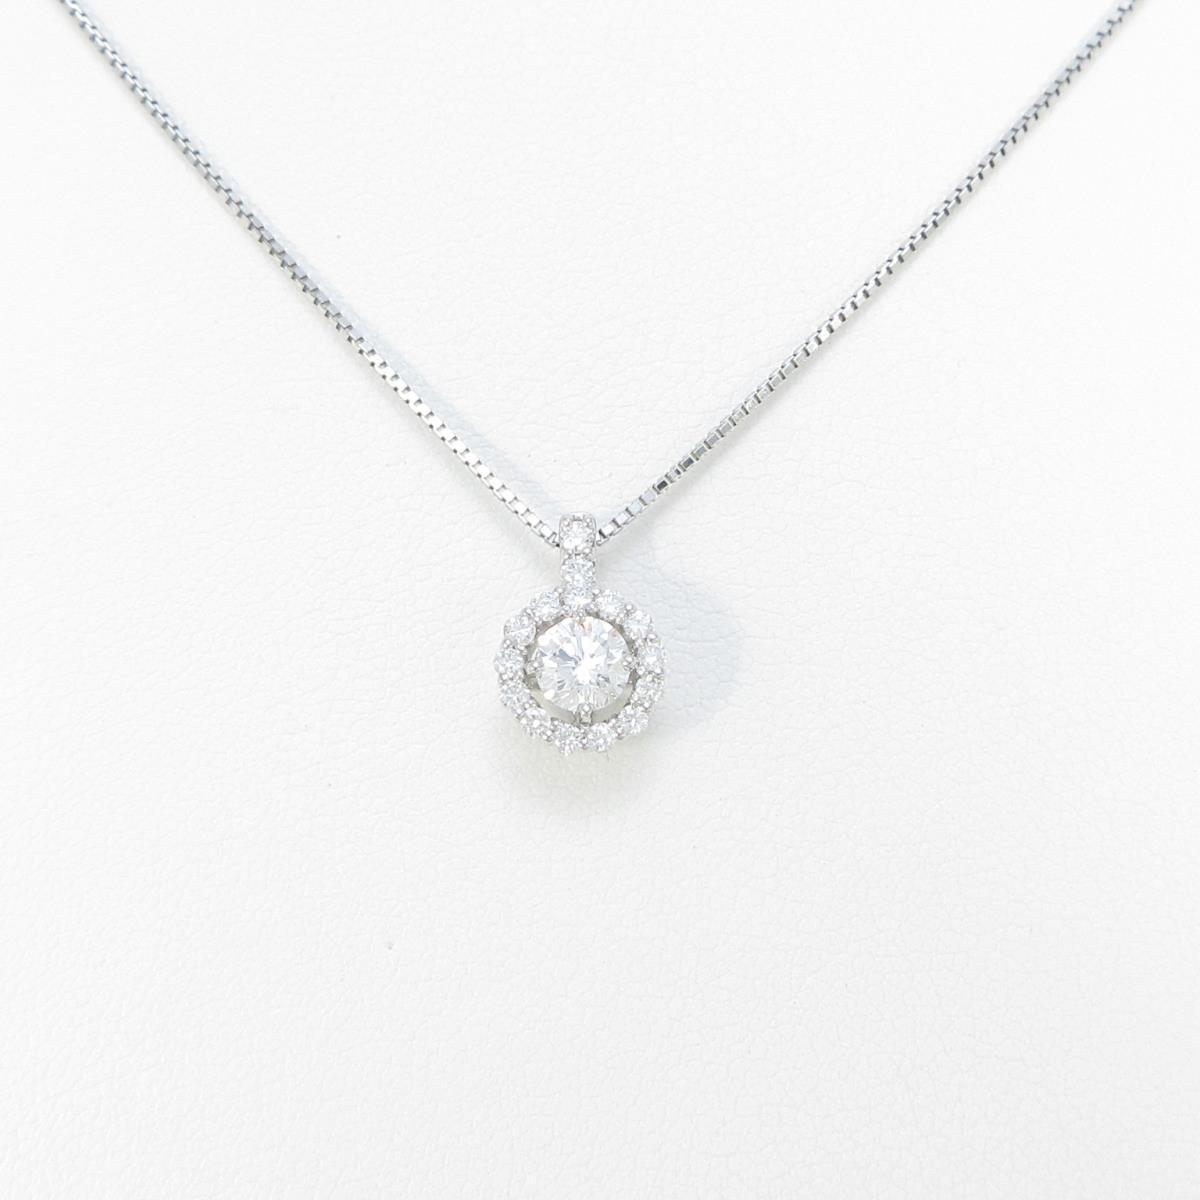 【新品】プラチナダイヤモンドネックレス 0.322ct・E・SI2・GOOD【新品】